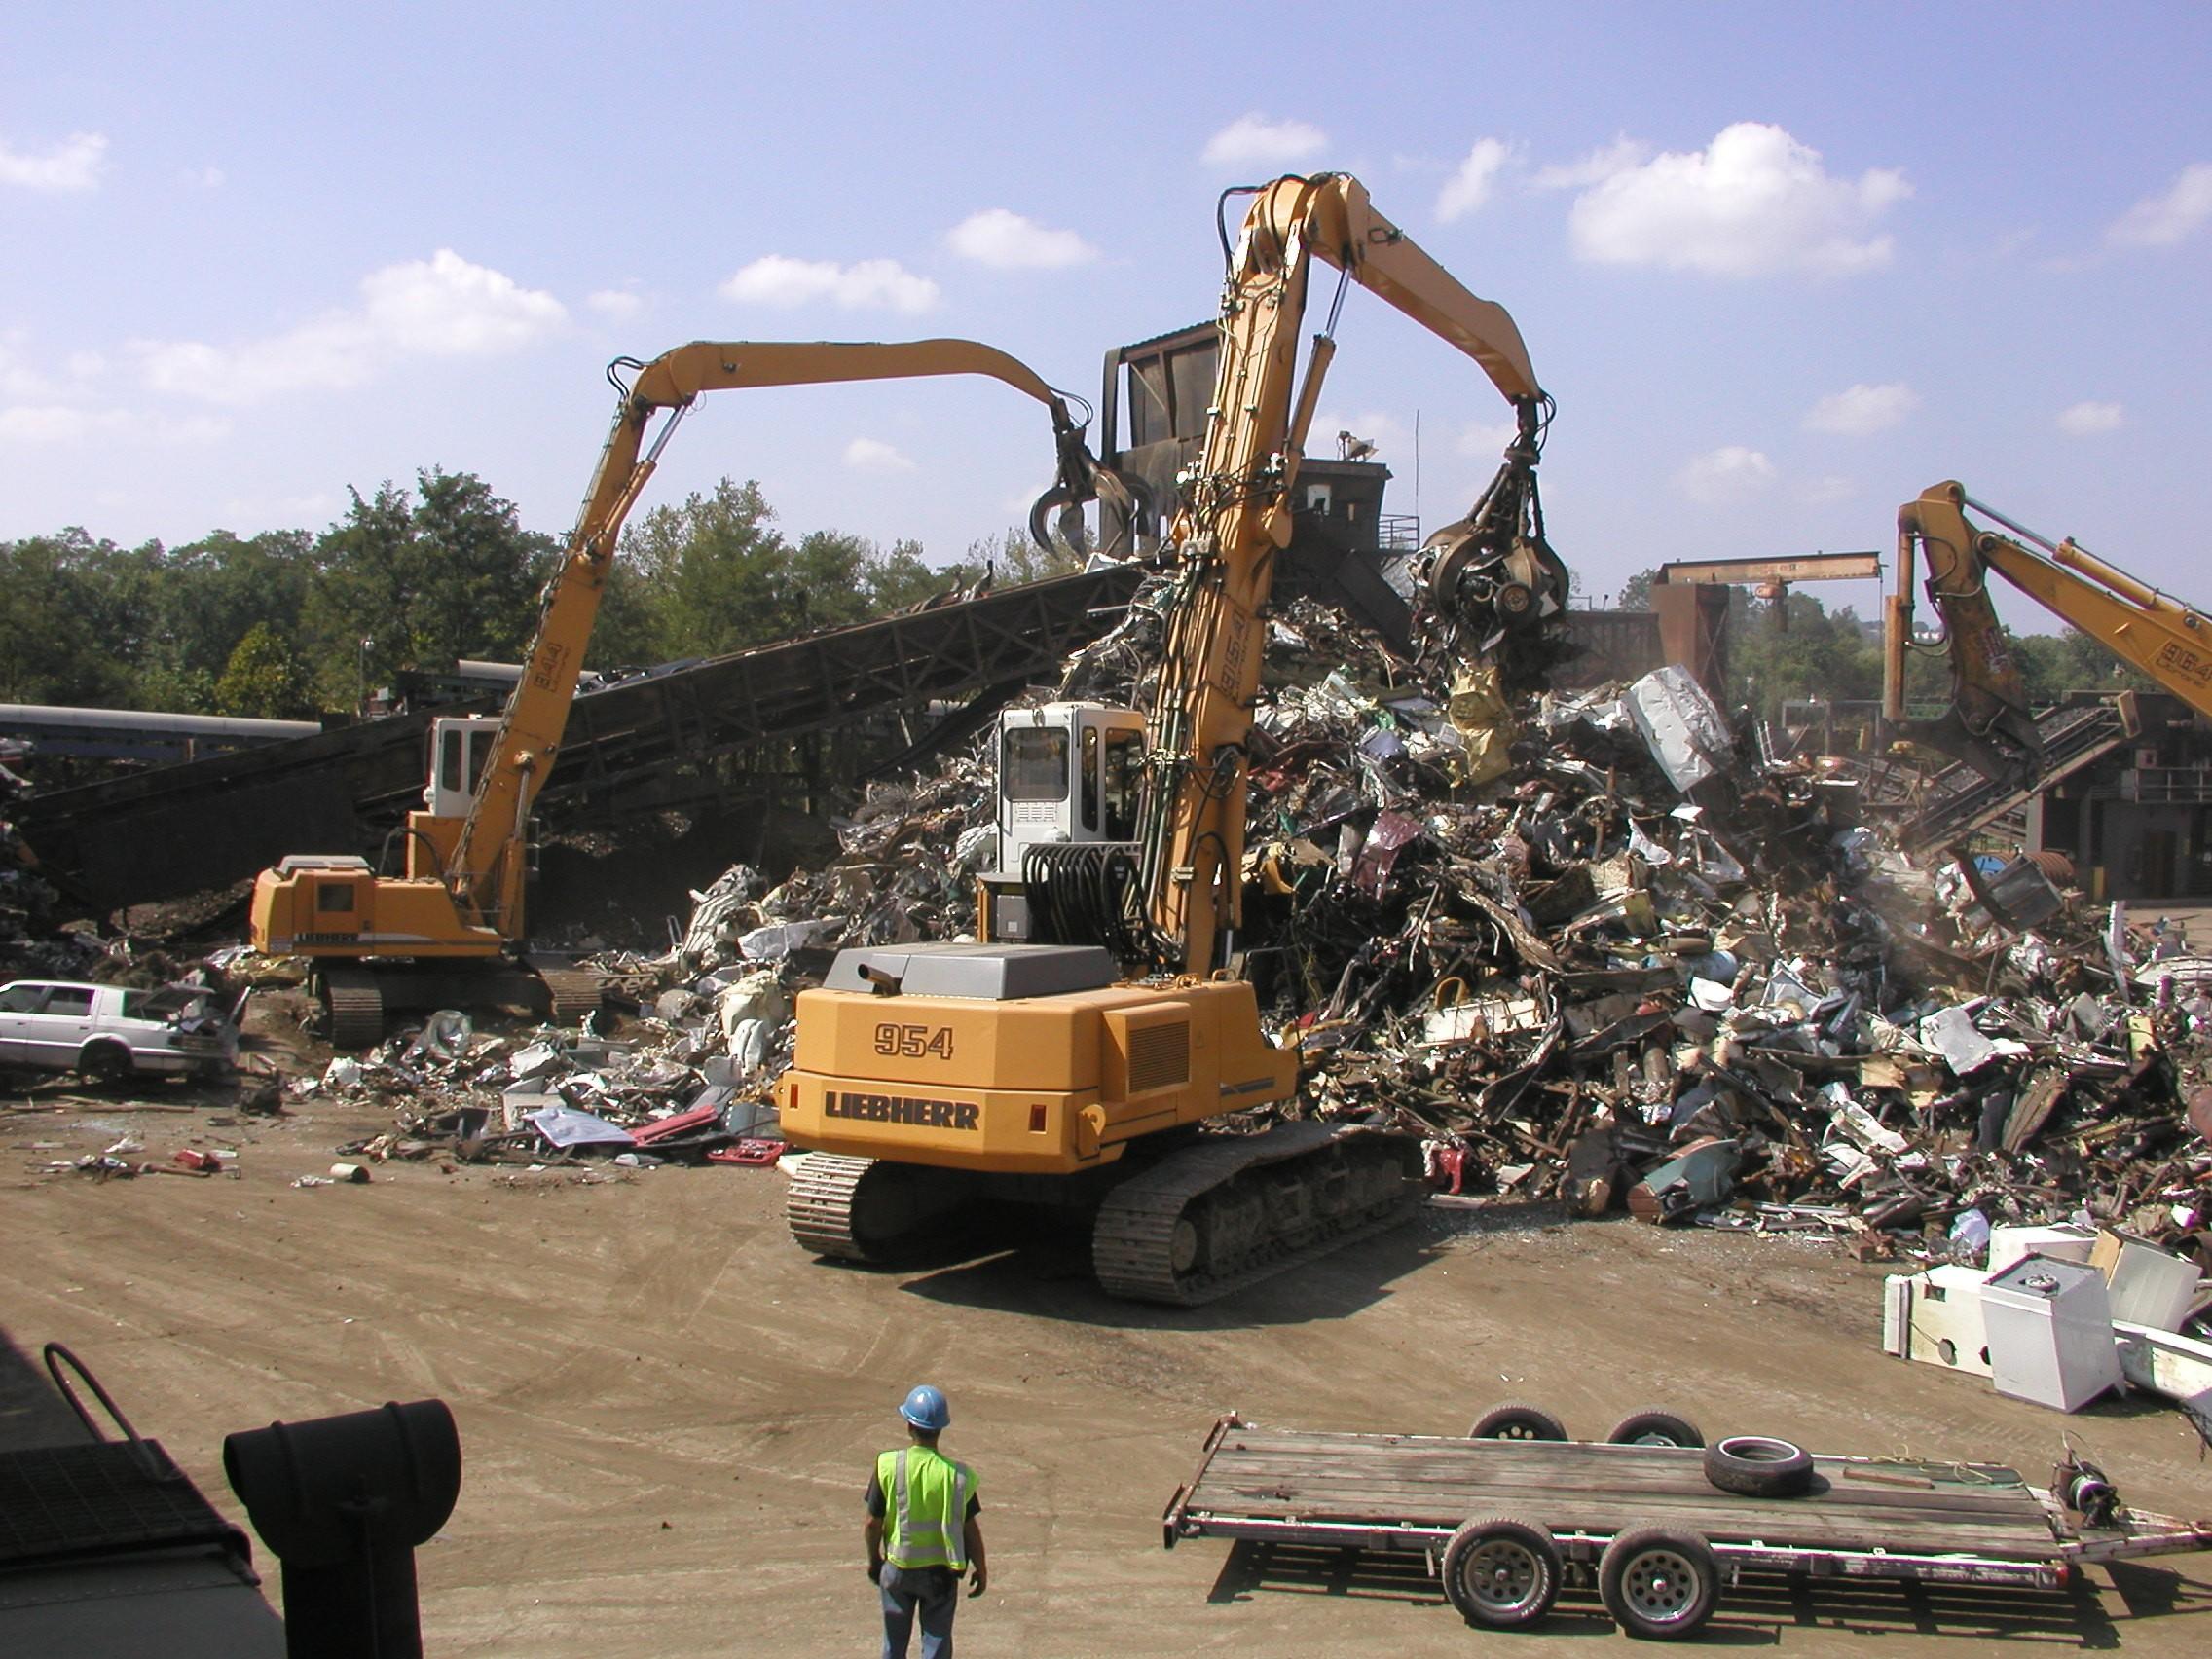 Patio para recolección y acopio de desechos, basura, residuos, material de reciclaje.